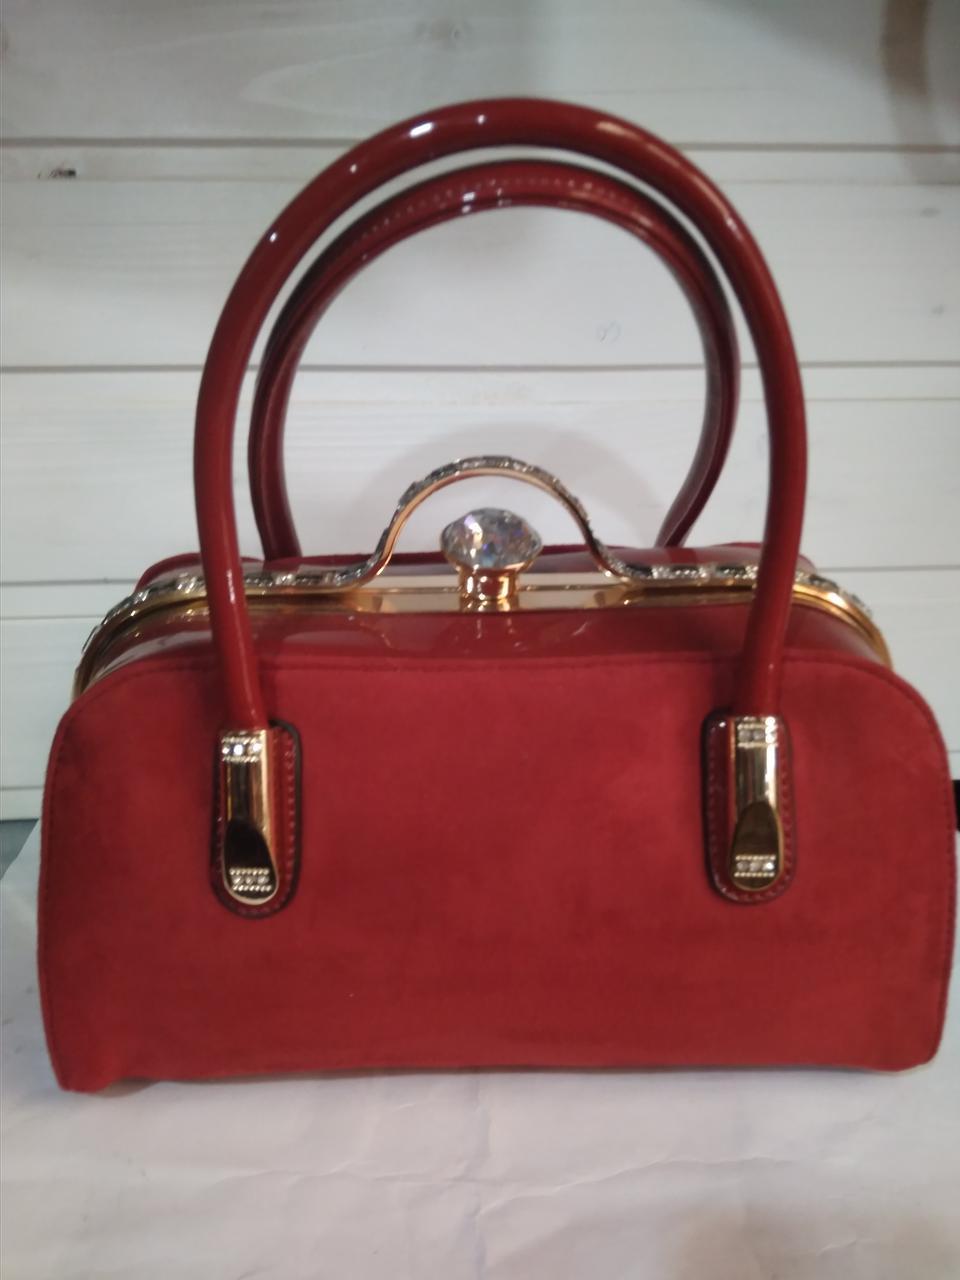 d6df18b79595 Женская сумка с жестким каркасом внутри и застежкой типа